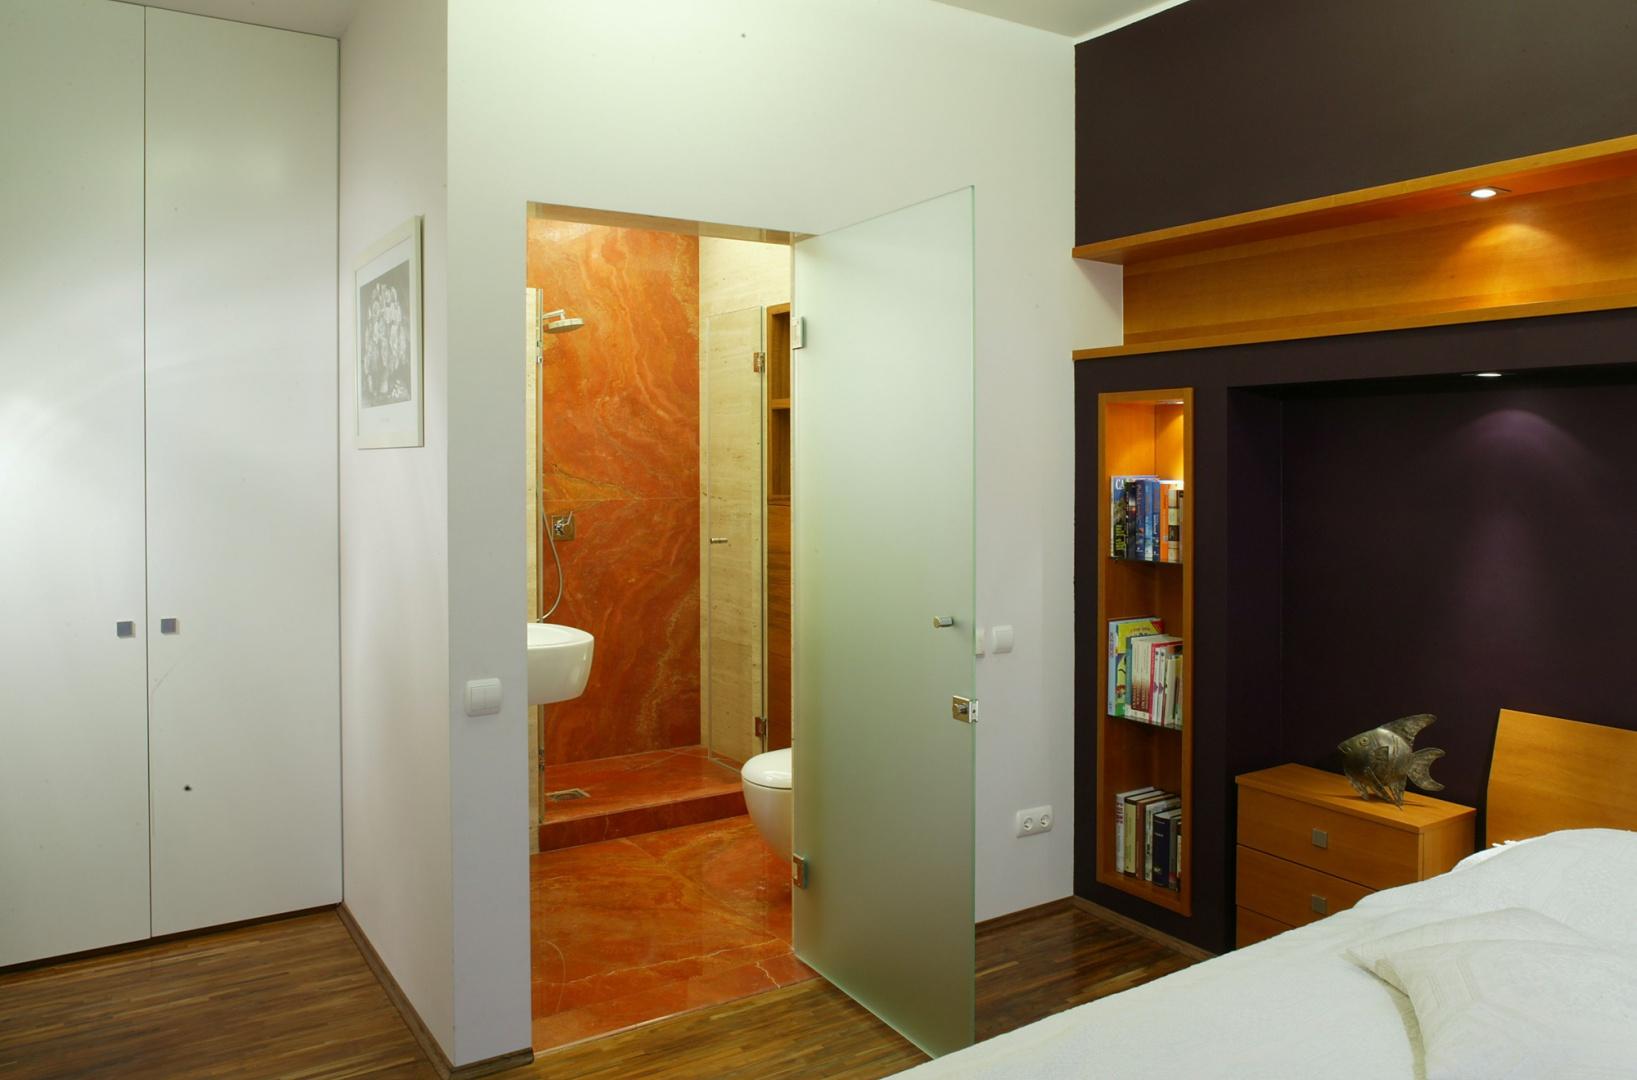 Tuż przy sypialni znajduje się łazienka – tylko do dyspozycji małżonków. Prowadzą do niej drzwi z satynowego szkła. Fot. Bartosz Jarosz.